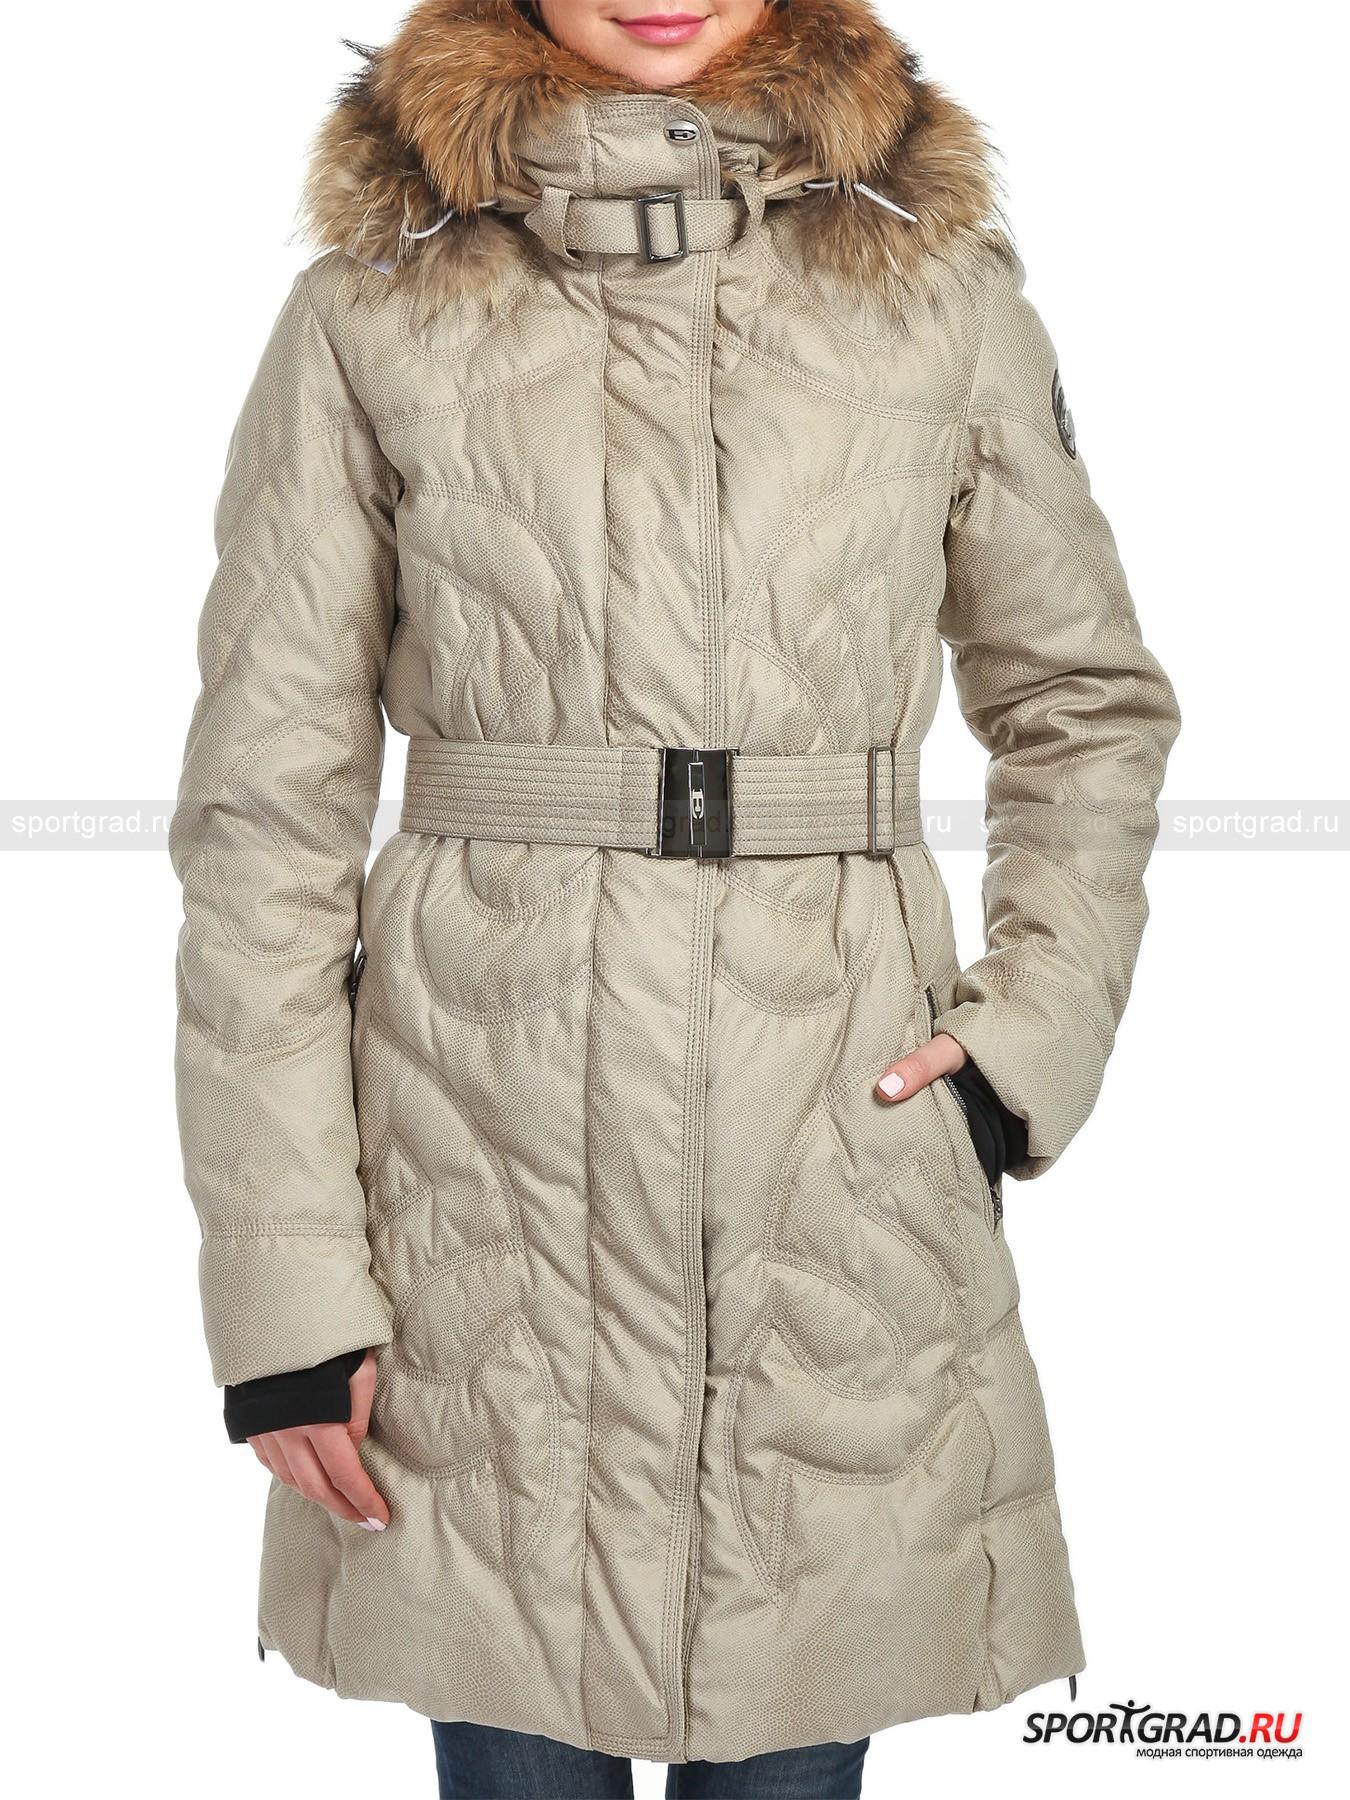 Пальто пуховое женское JOYU EMMEGY